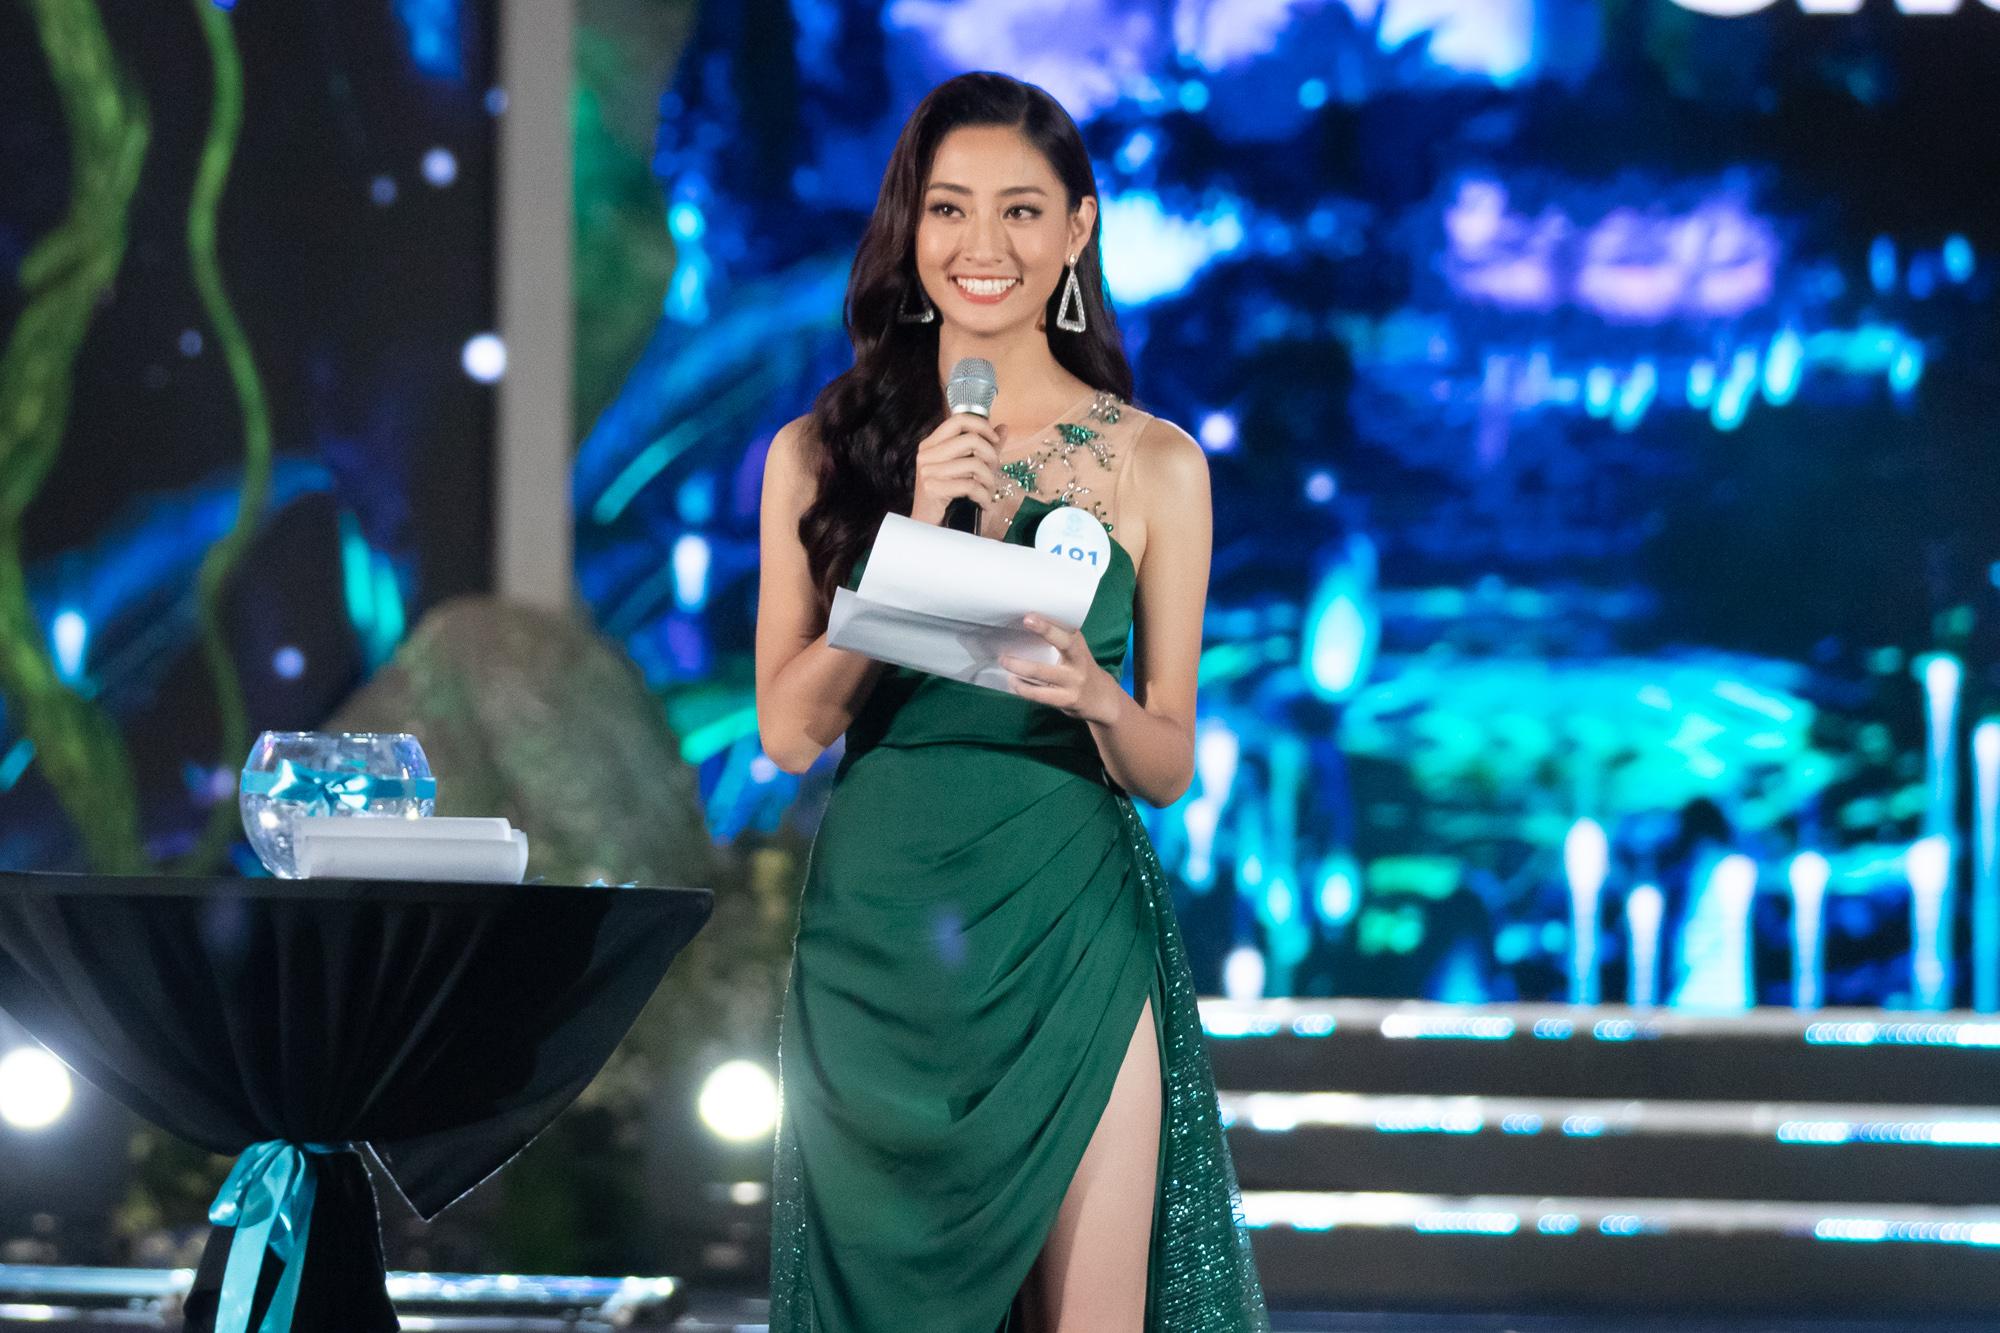 Nữ sinh Ngoại thương quê Cao Bằng đăng quang Hoa hậu Thế giới Việt Nam 2019 - 7